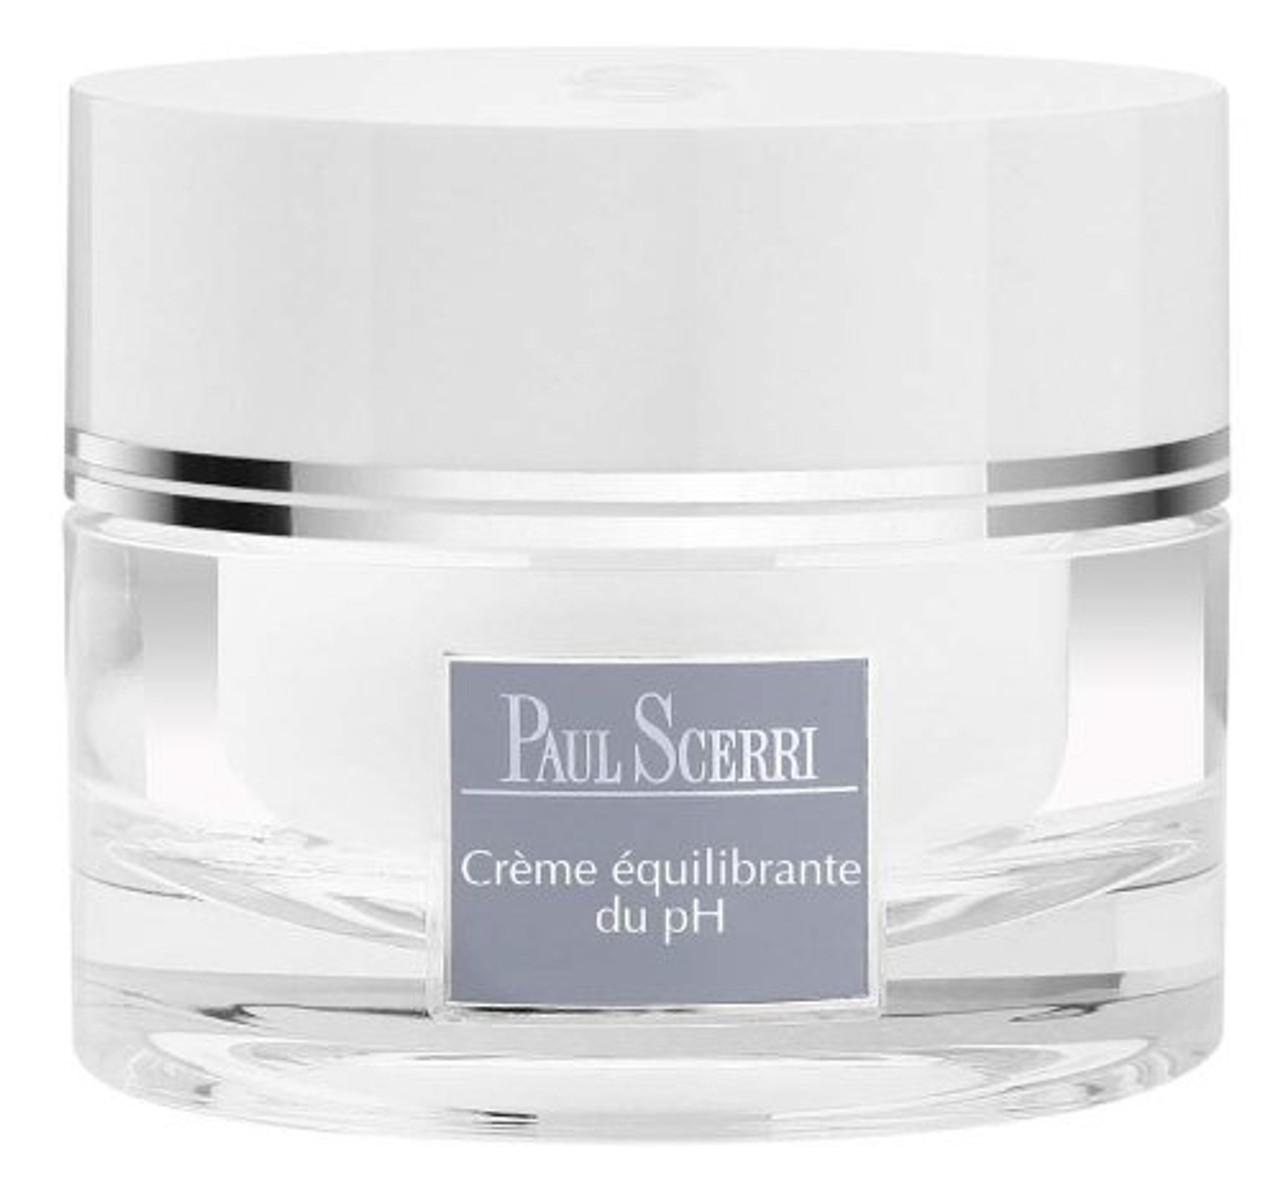 Paul Scerri pH Balancing Cream